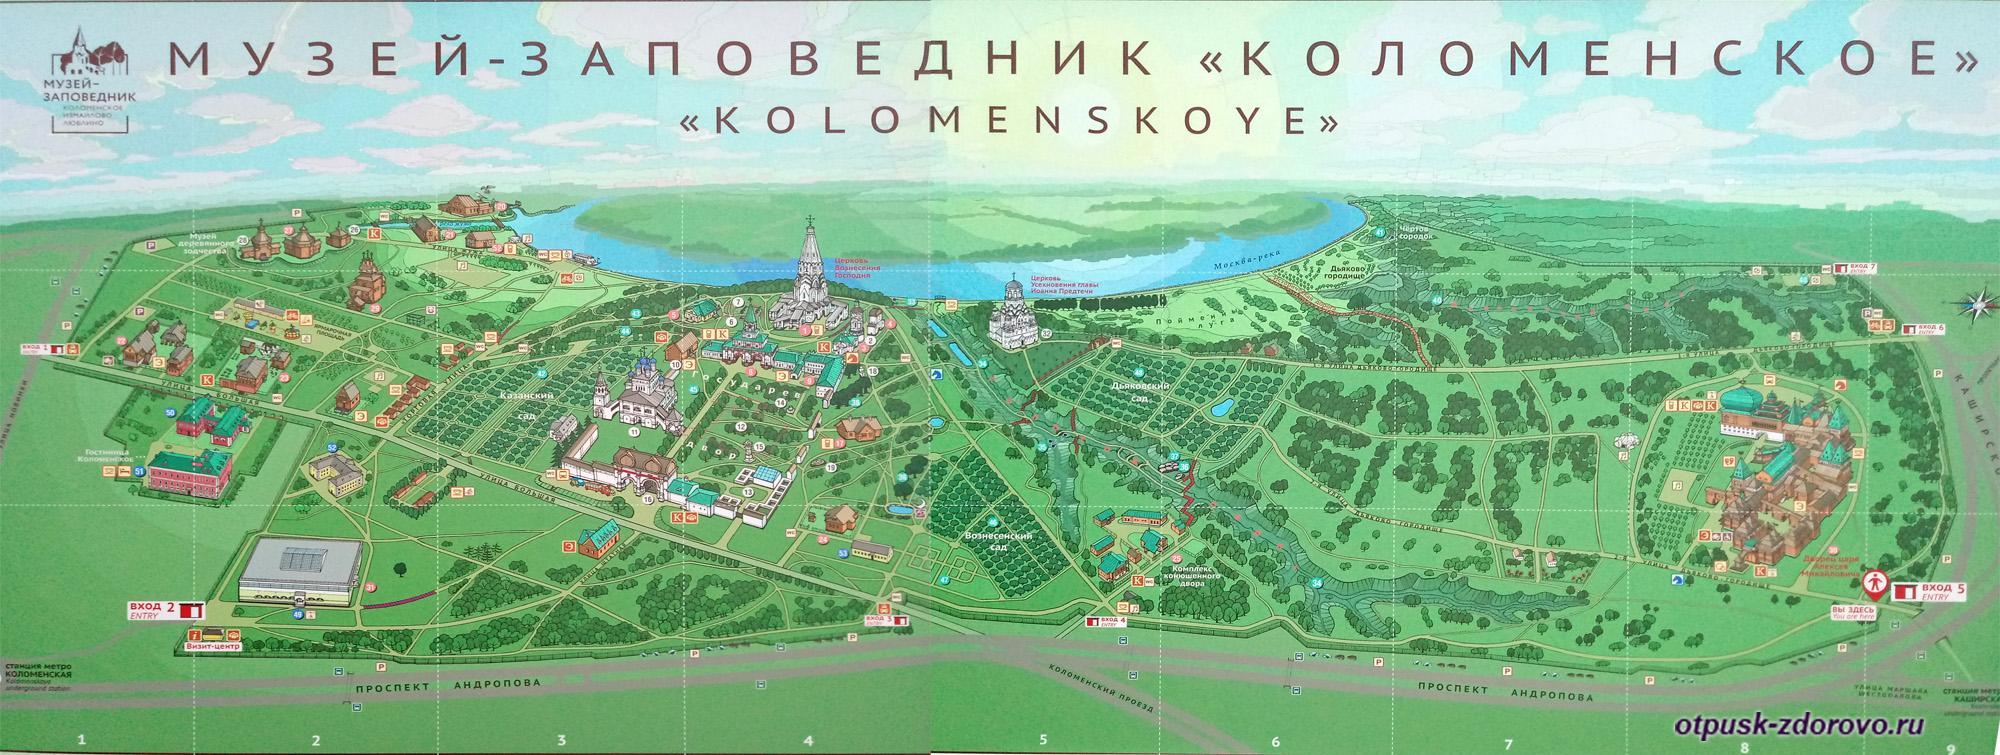 План-схема Парка Коломенское в Москве